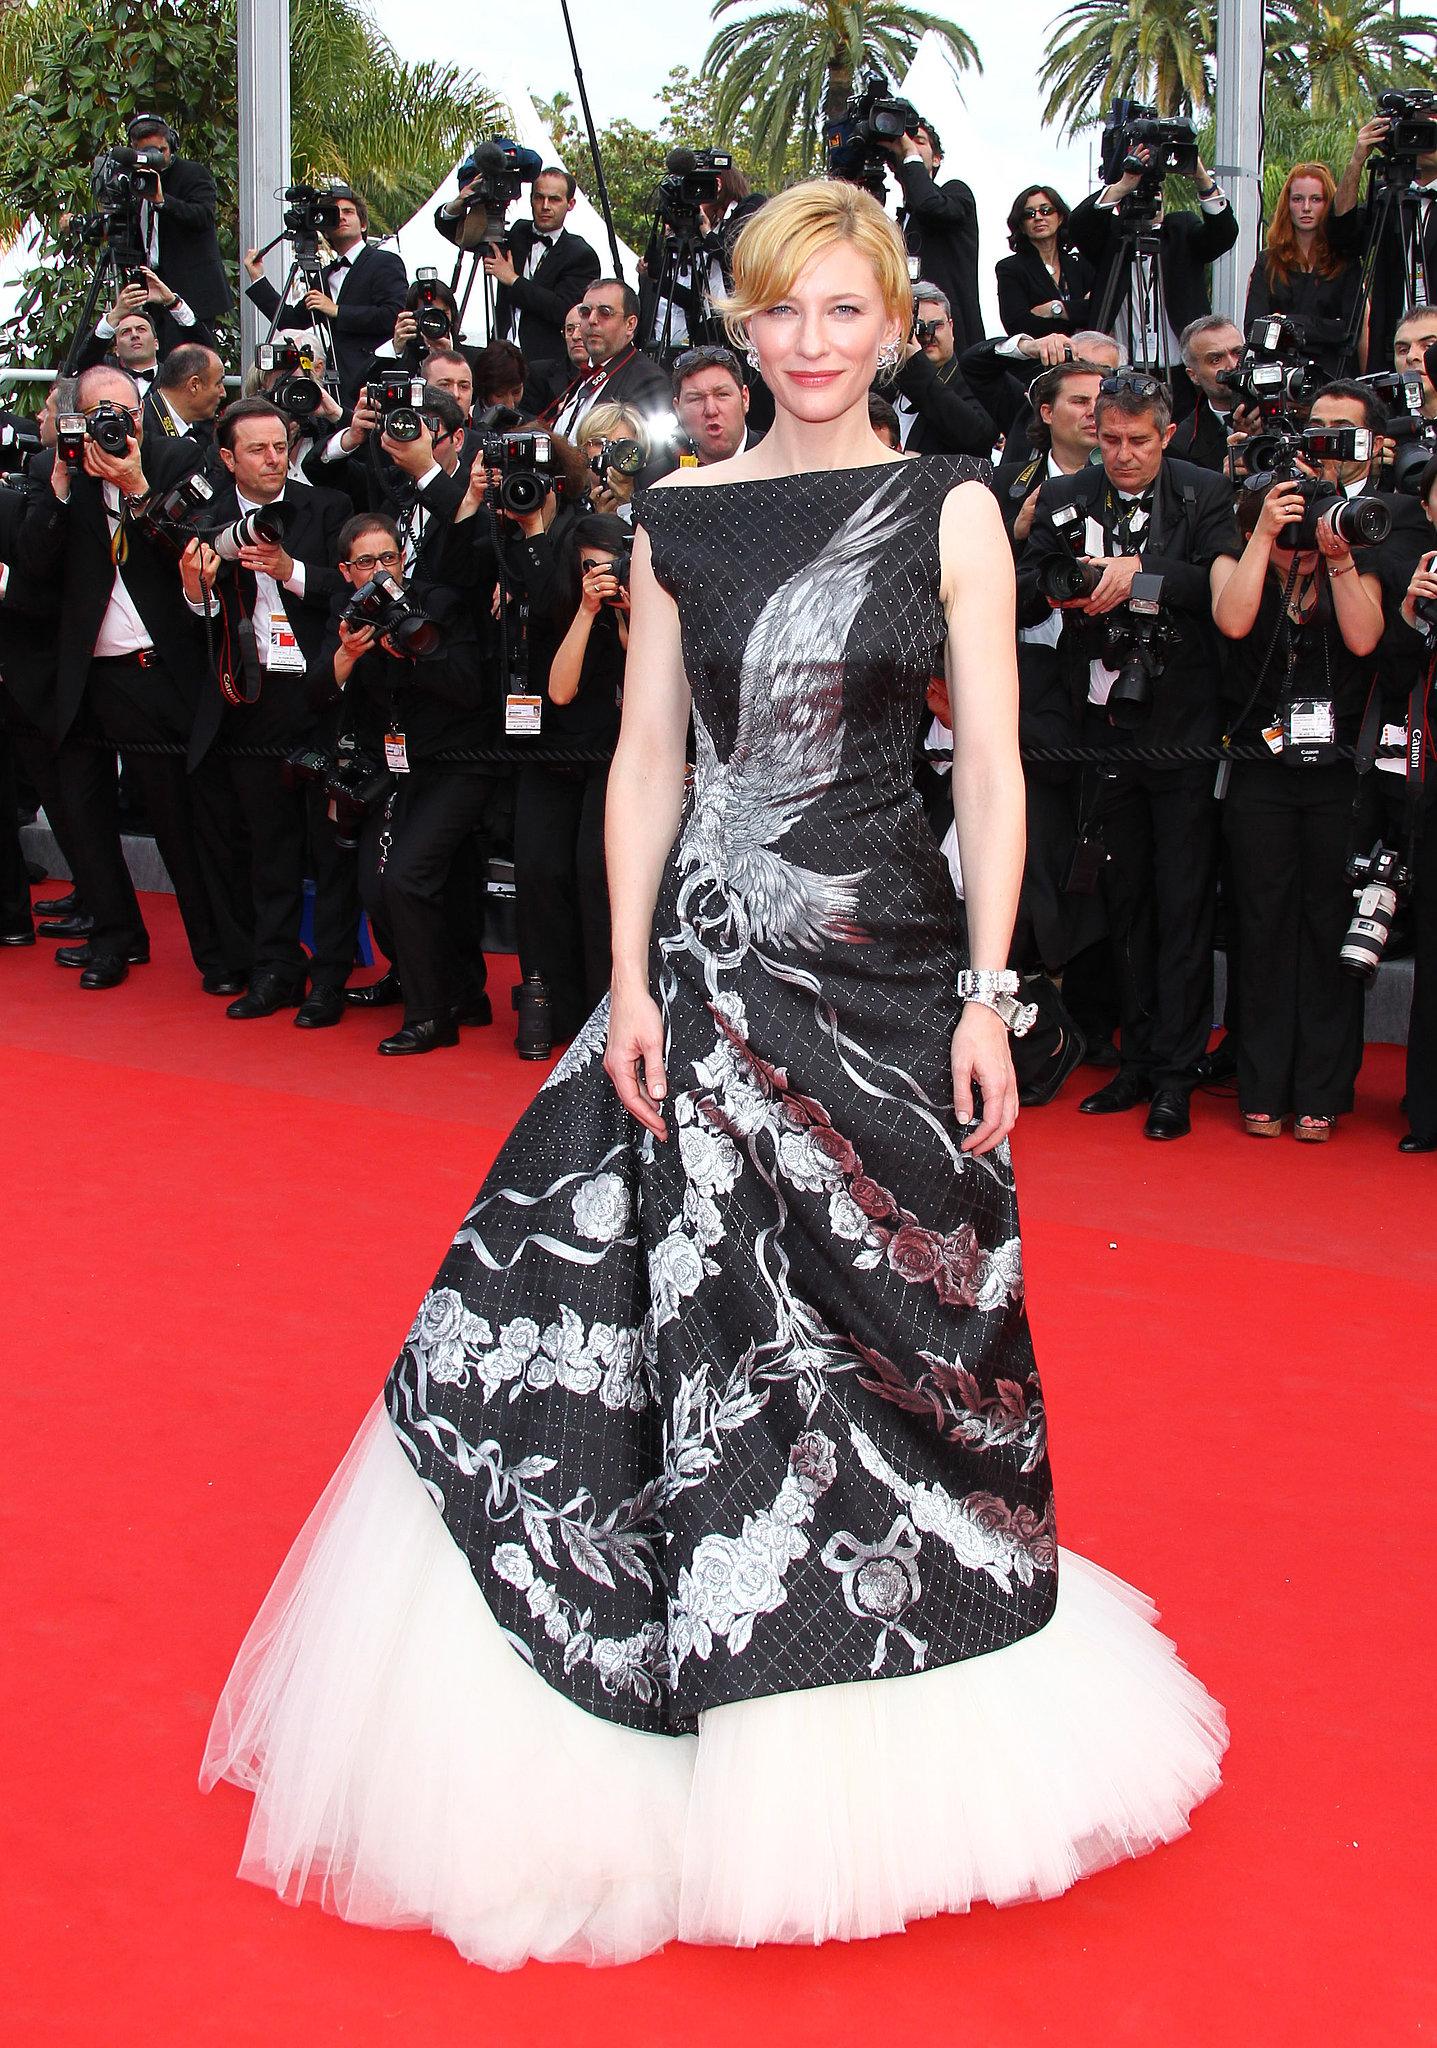 4.Una Dintre Cele mai uimitoare aparitii ne Fost la Festivalul de la Cannes, Unde Cate ne mizat tot pe o creatie Alexander McQueen